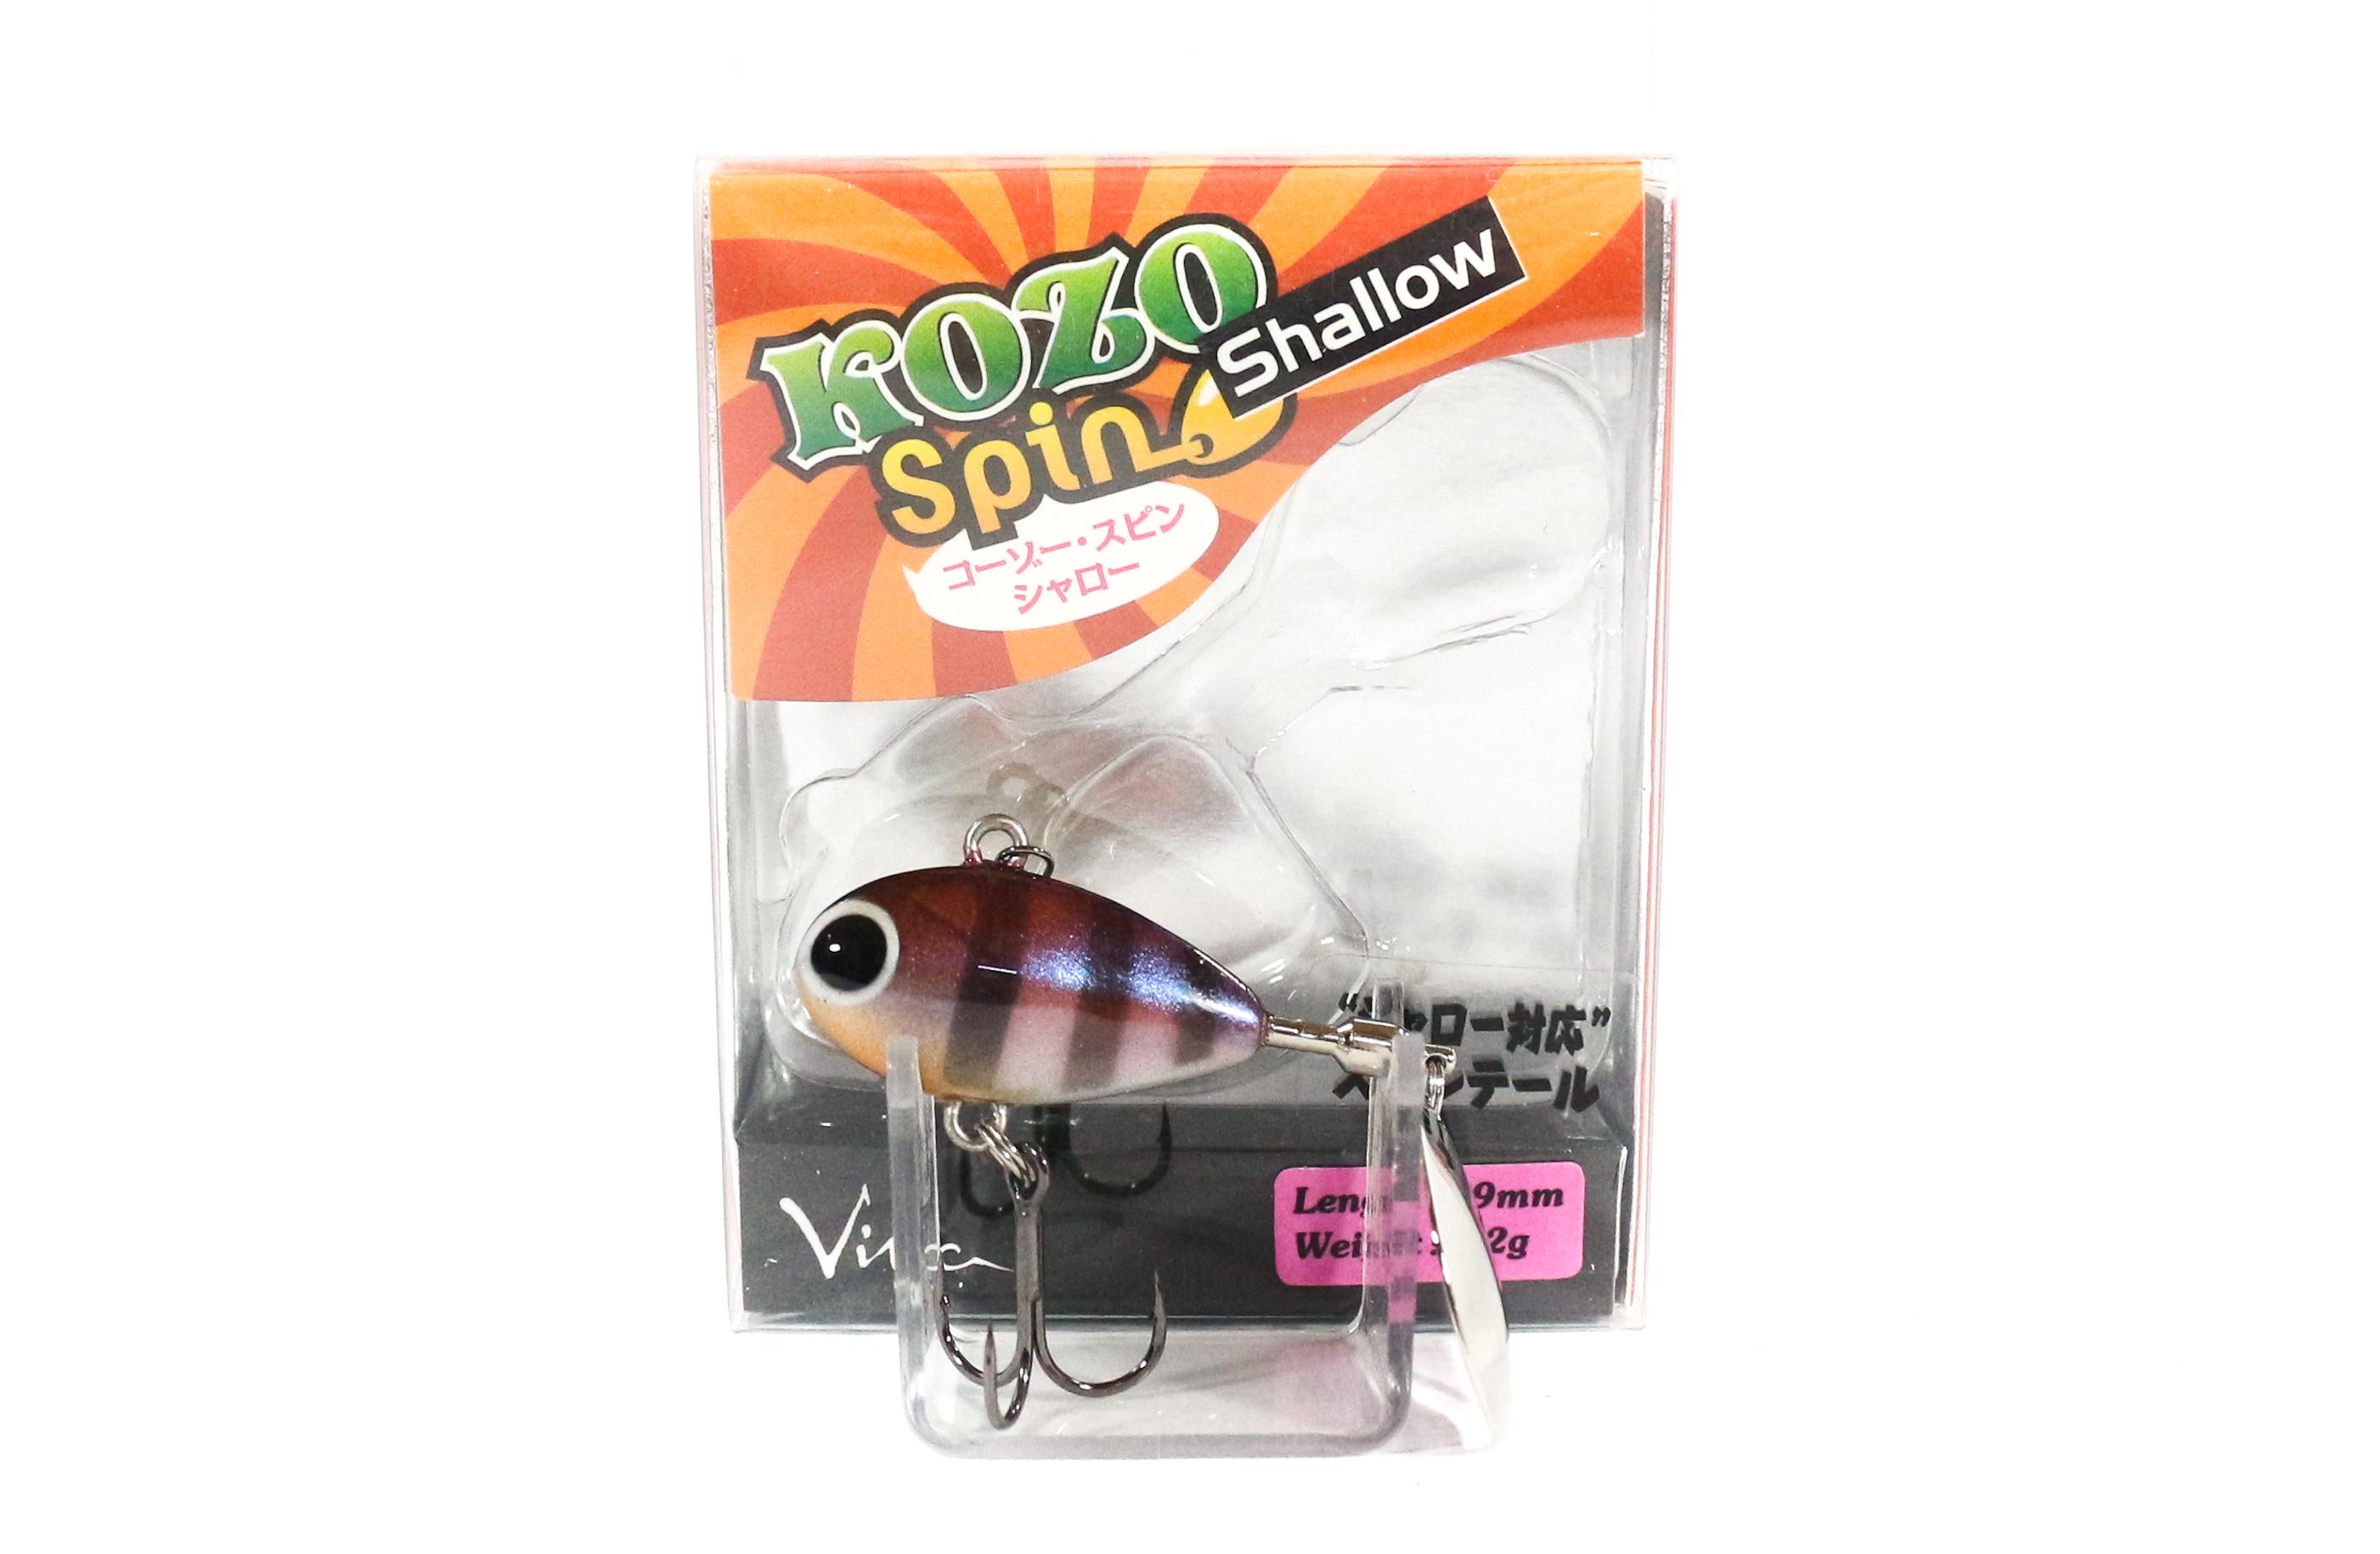 Viva Kozo Spin Shallow 8.2 grams Spinner Bait Lure 189 (3058)